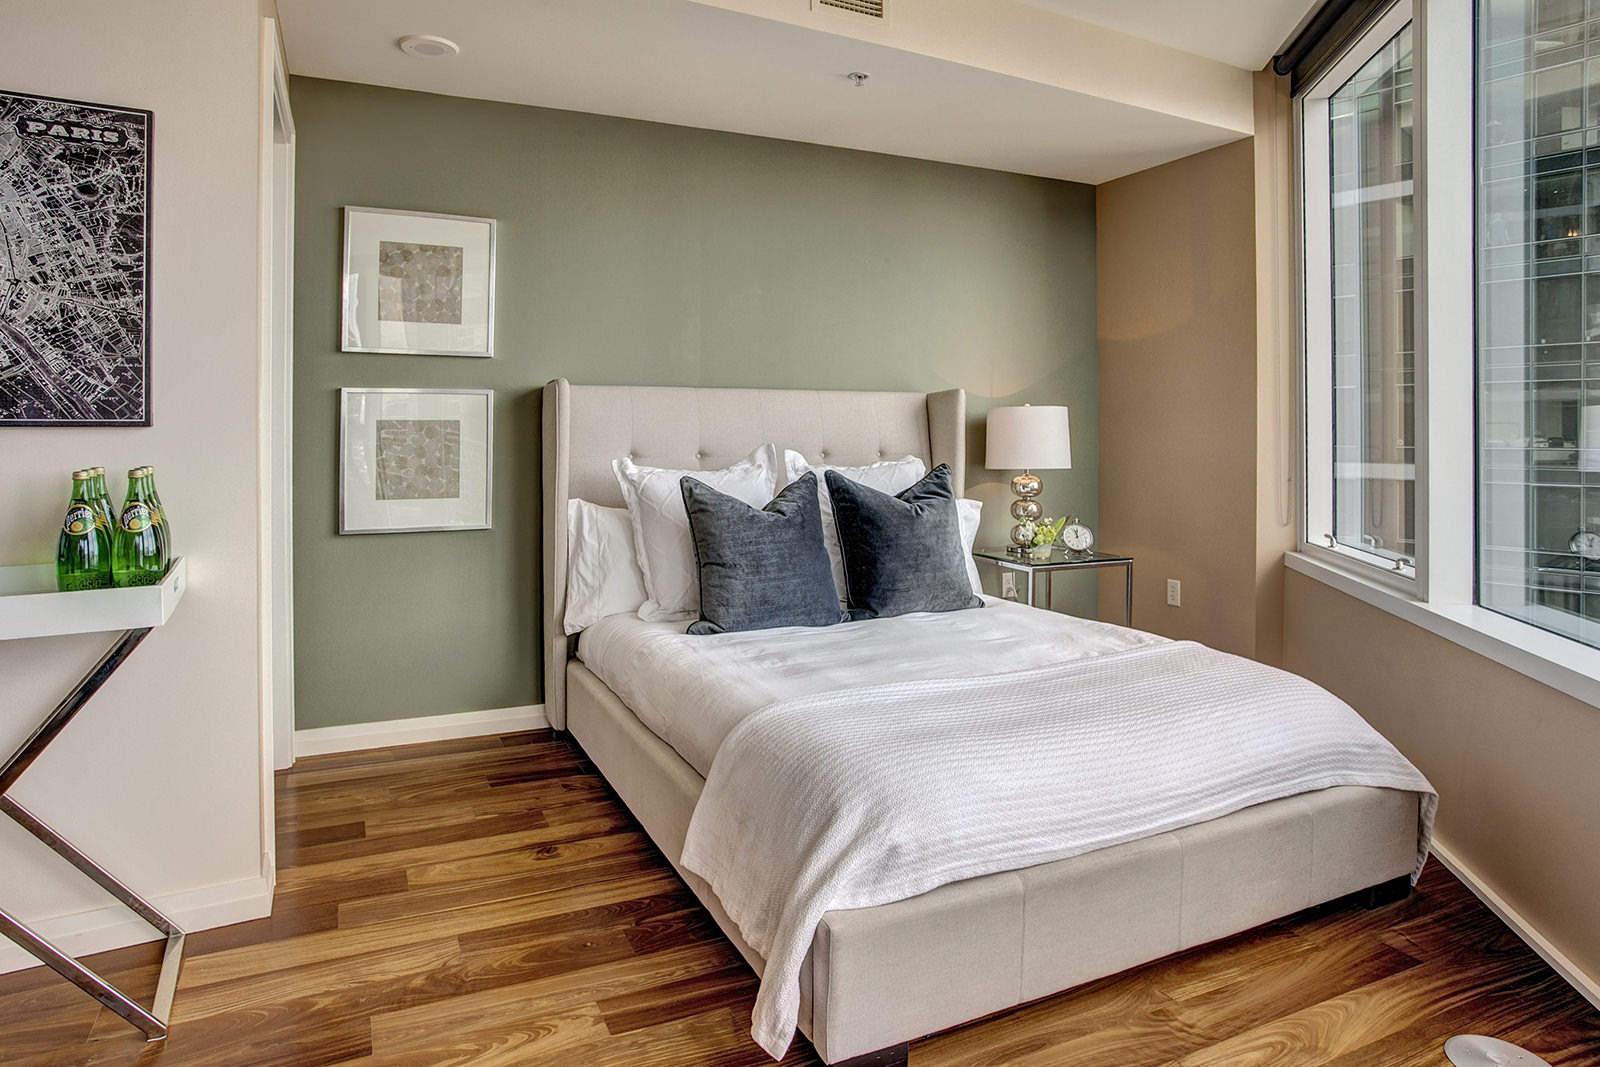 Кровать по фэн-шуй